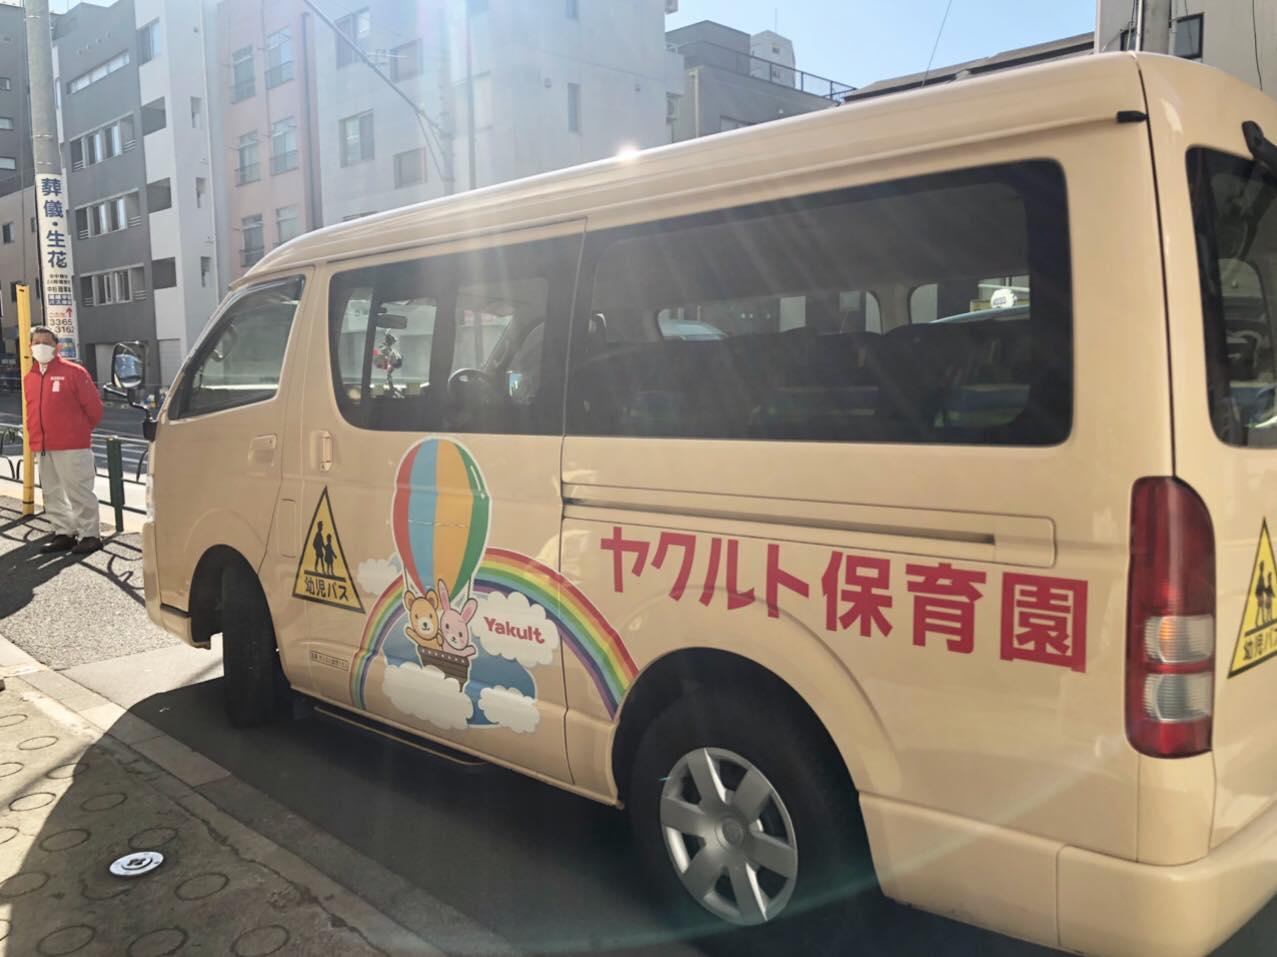 ヤクルト保育園 園バス